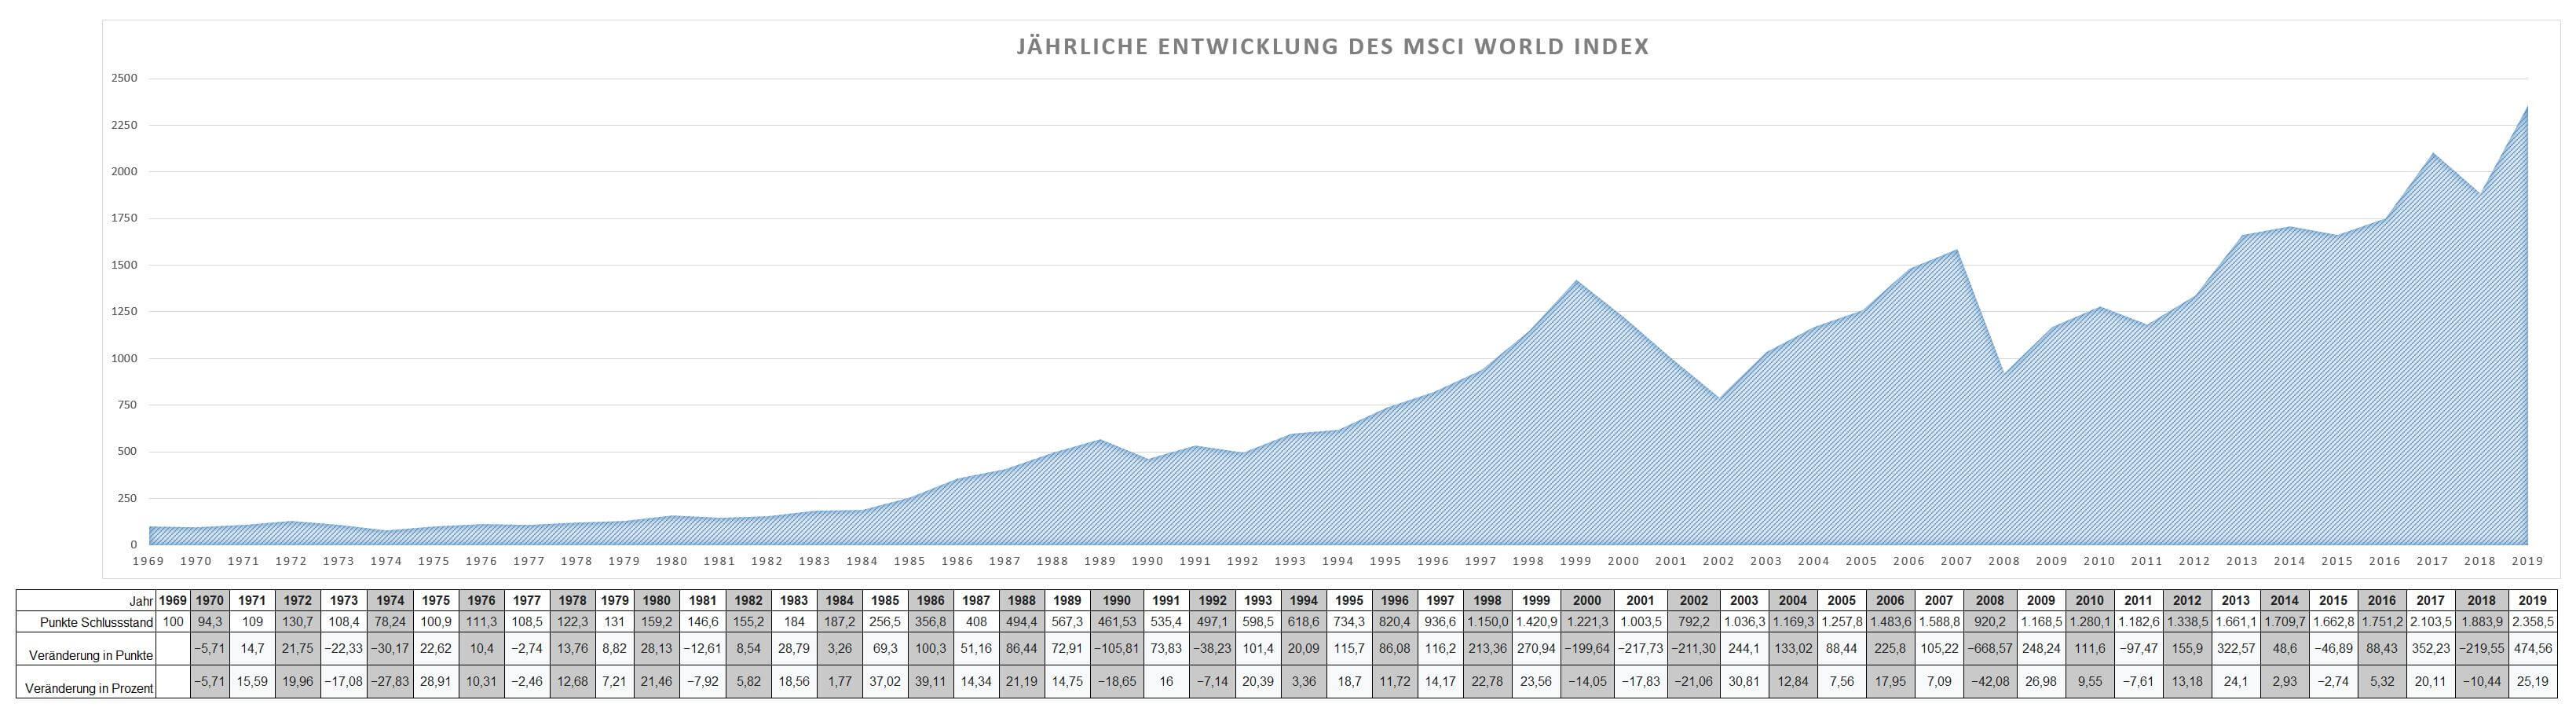 Jährliche Entwicklung des MSCI World seit 1969